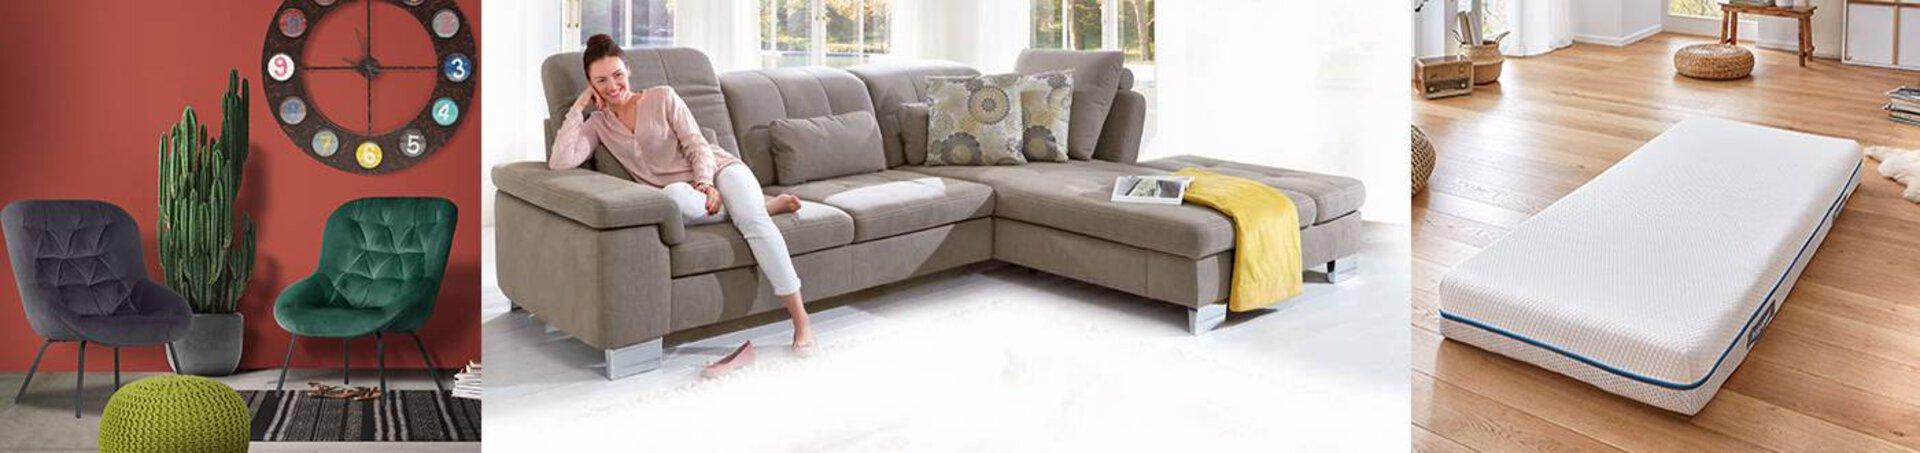 Titel-Banner-Bild zu Möbel-Gütepass - Polster-Möbel